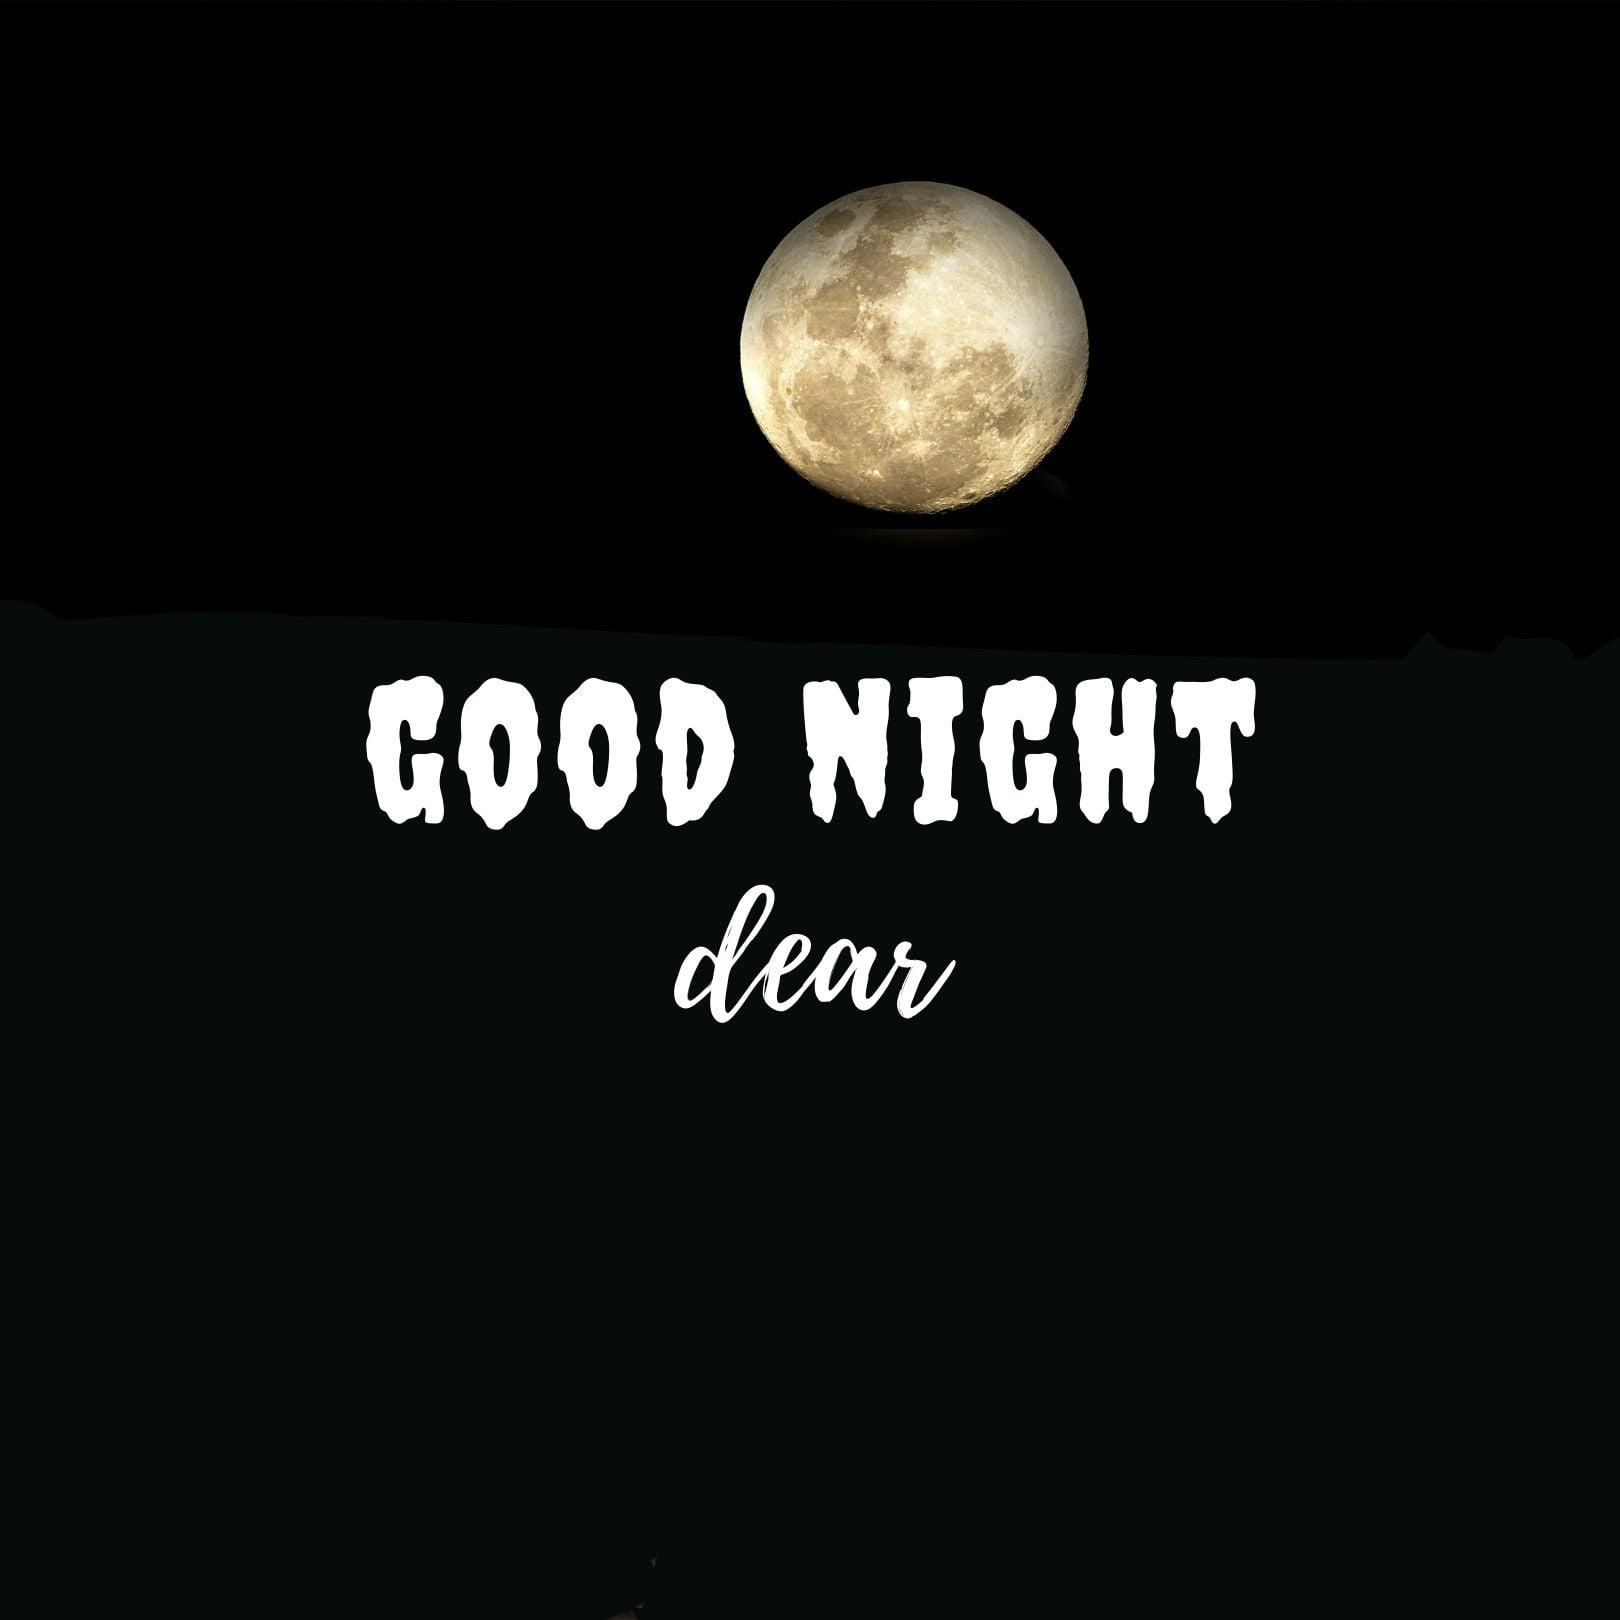 Good Night Dear full HD free download.